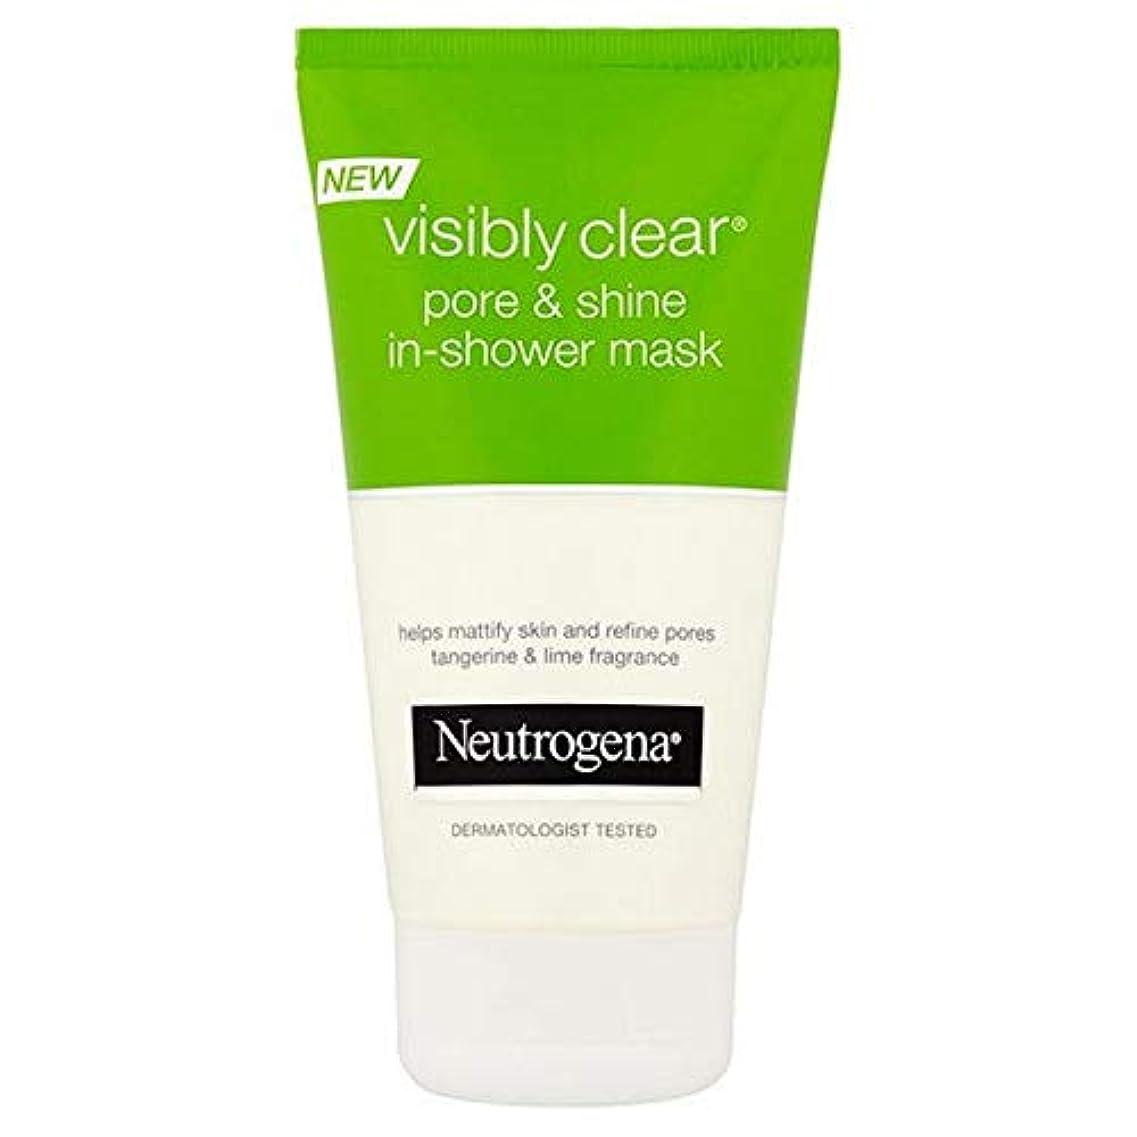 下位に対応植物の[Neutrogena] シャワーマスク150ミリリットルでニュートロジーナ目に見えて明らかポア&輝き - Neutrogena Visibly Clear Pore & Shine In Shower Mask 150ml [並行輸入品]